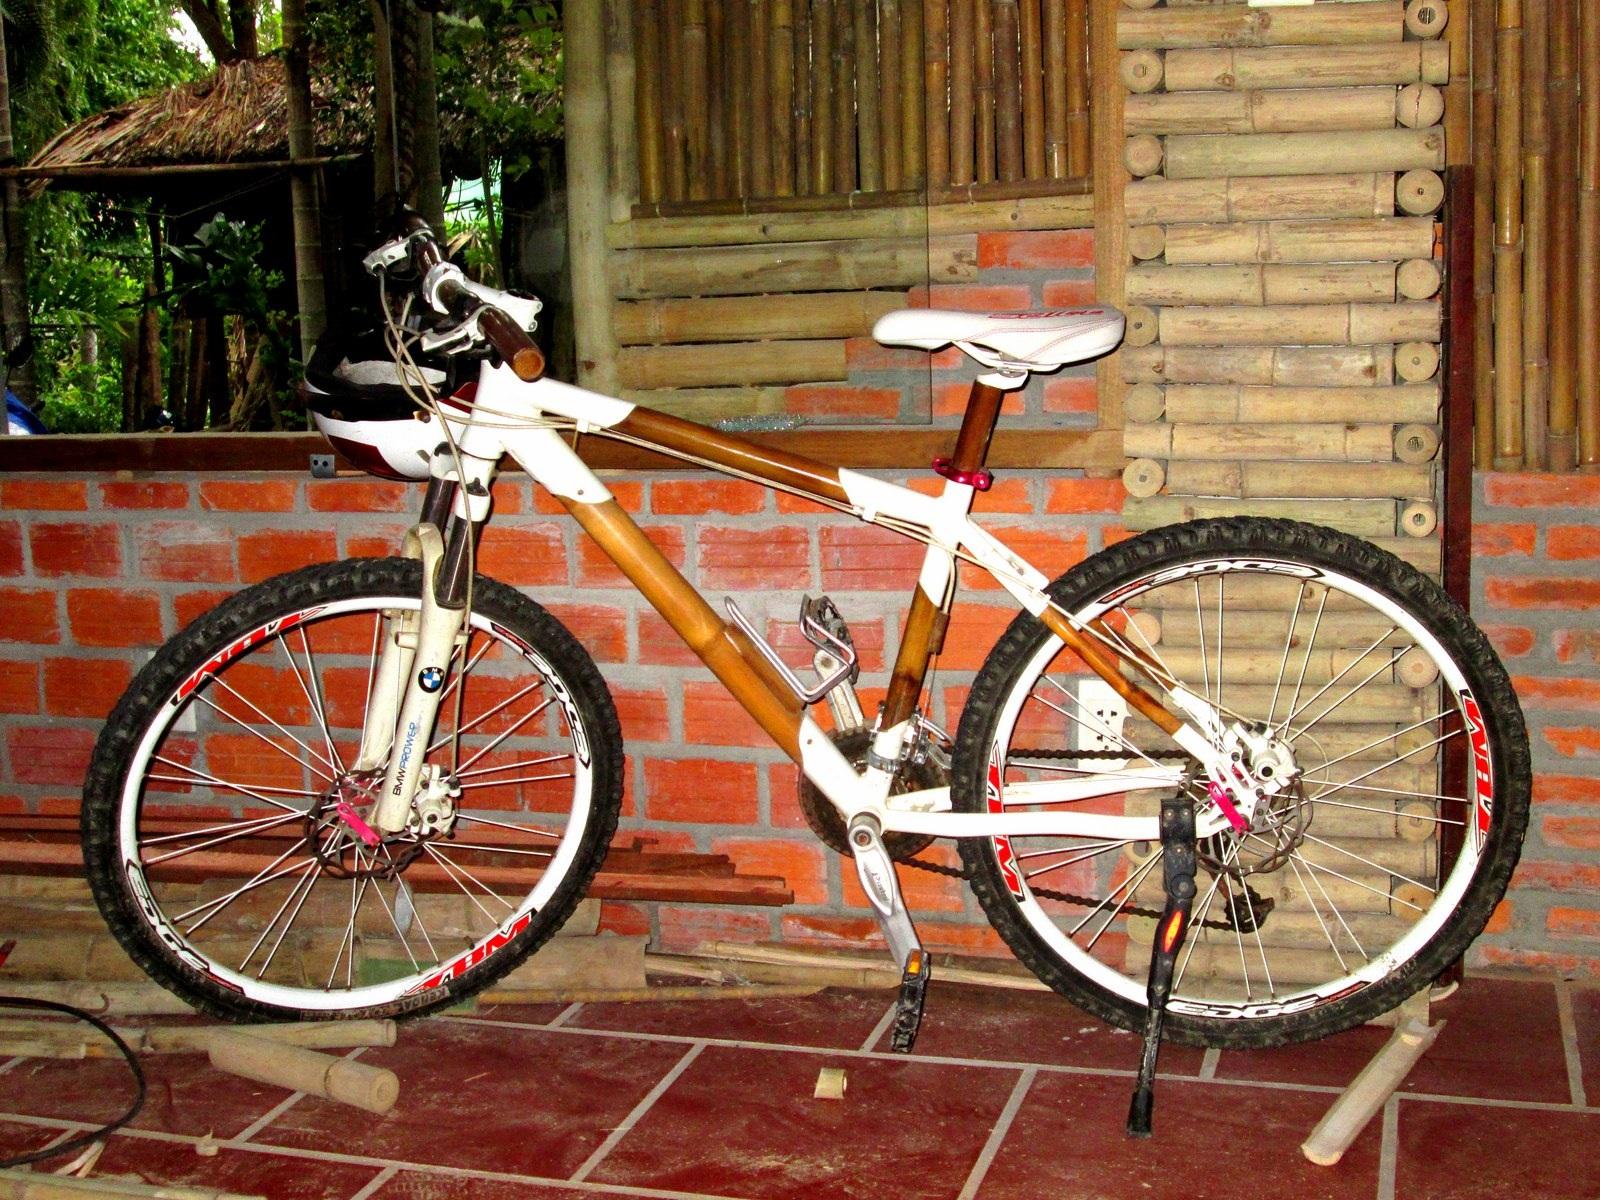 Không chỉ phục vụ du lịch, từ tre có thể làm ra những chiếc xe đạp phù hợp với mọi địa hình